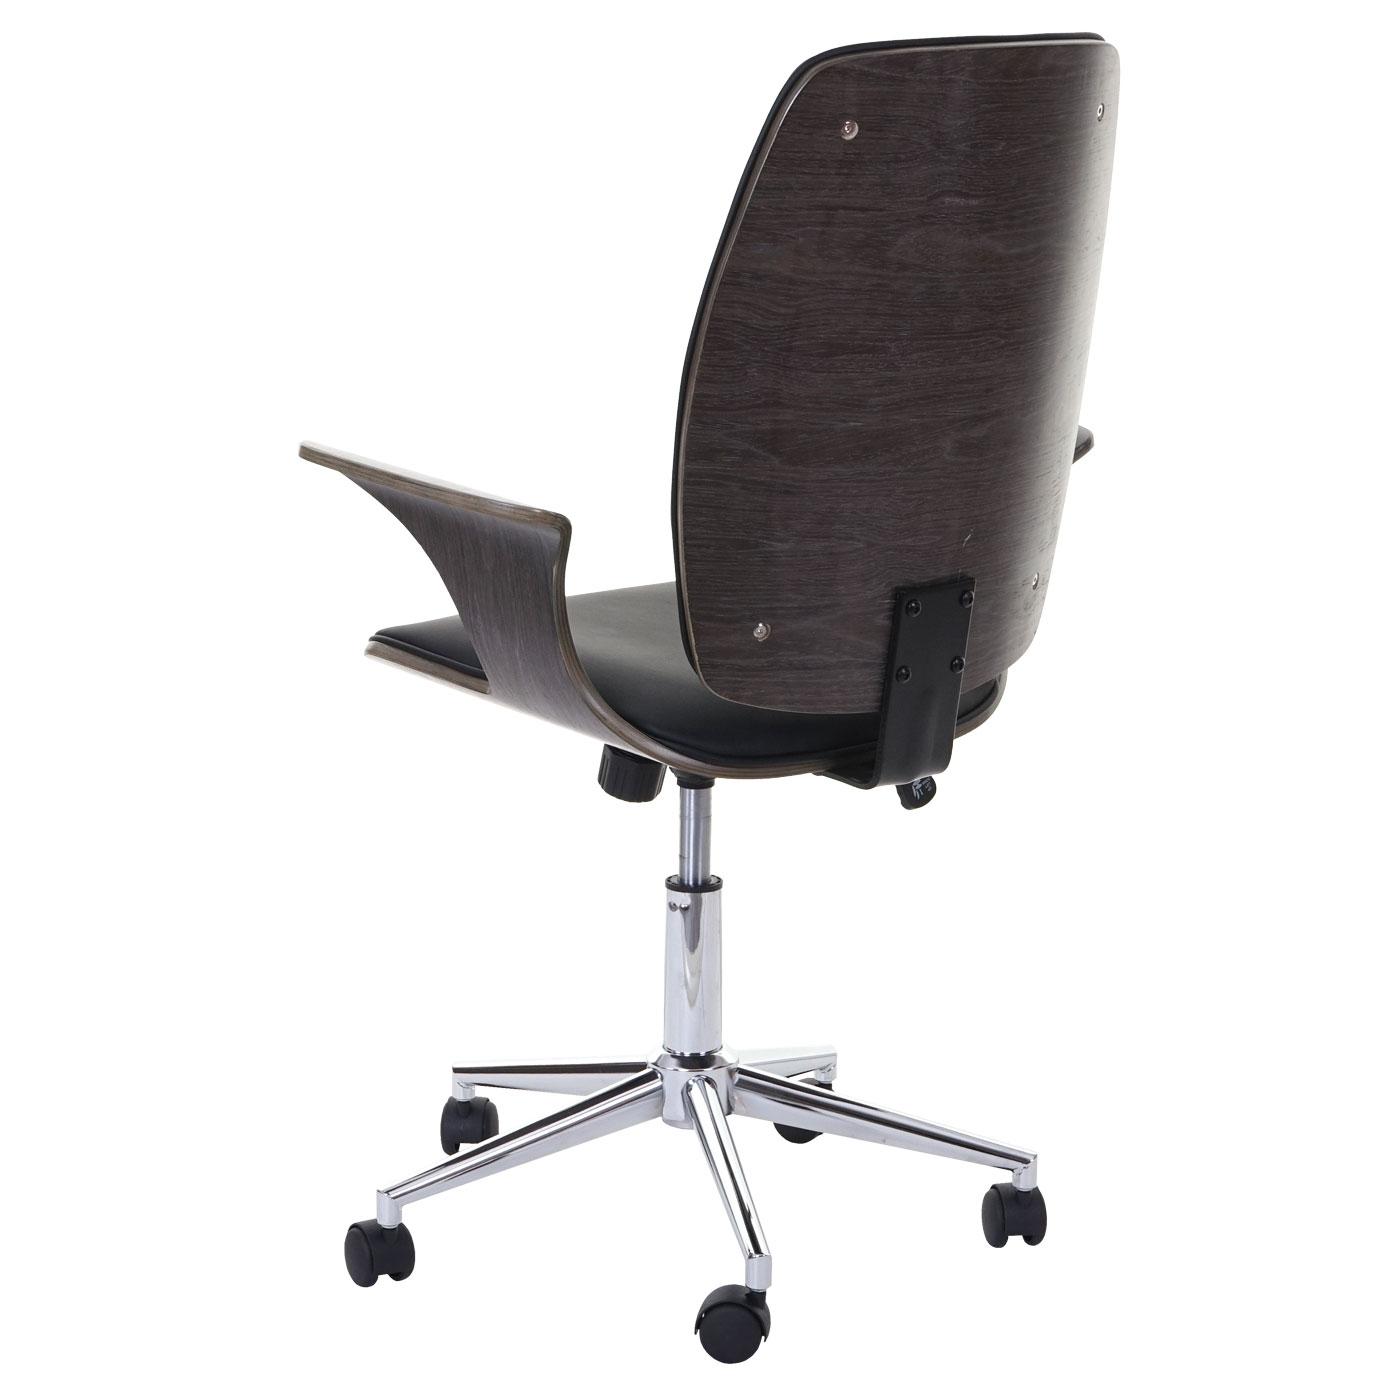 Rückenansicht Bürostuhl HWC-C54, Grau Sitzfläche schwarz